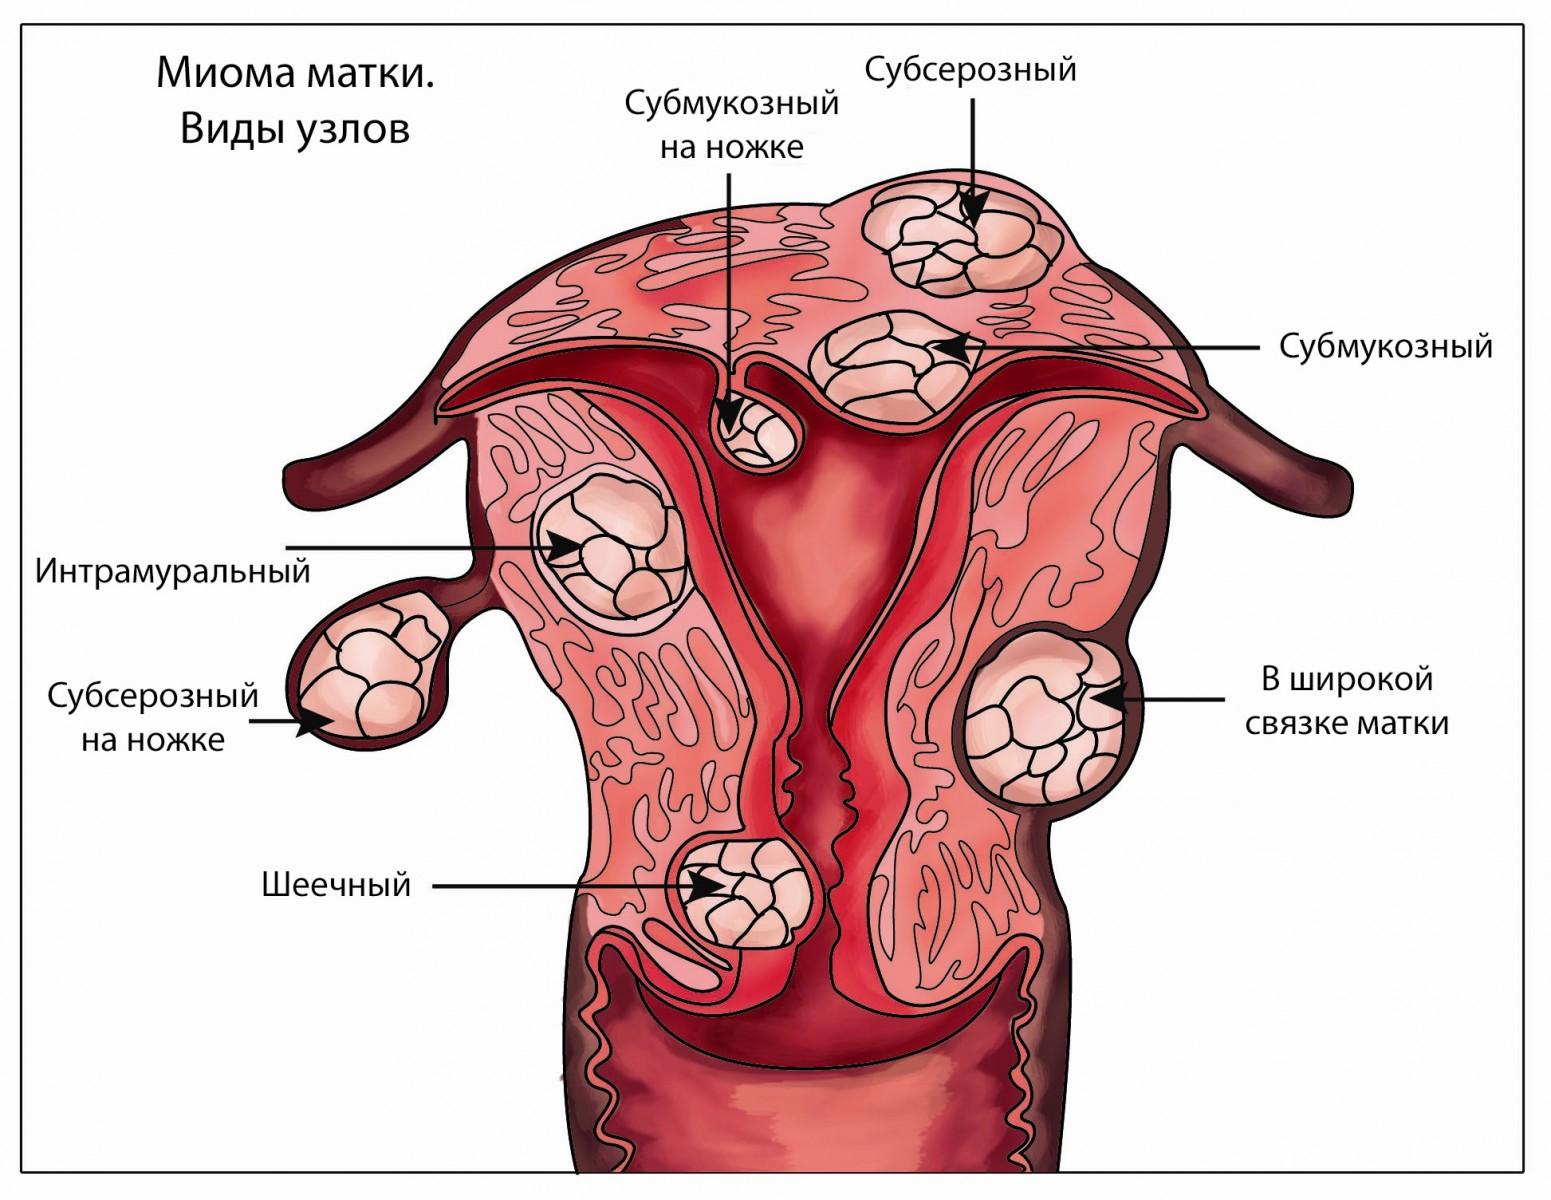 Тянет низ живота на 3 неделе беременности: причины и лечение